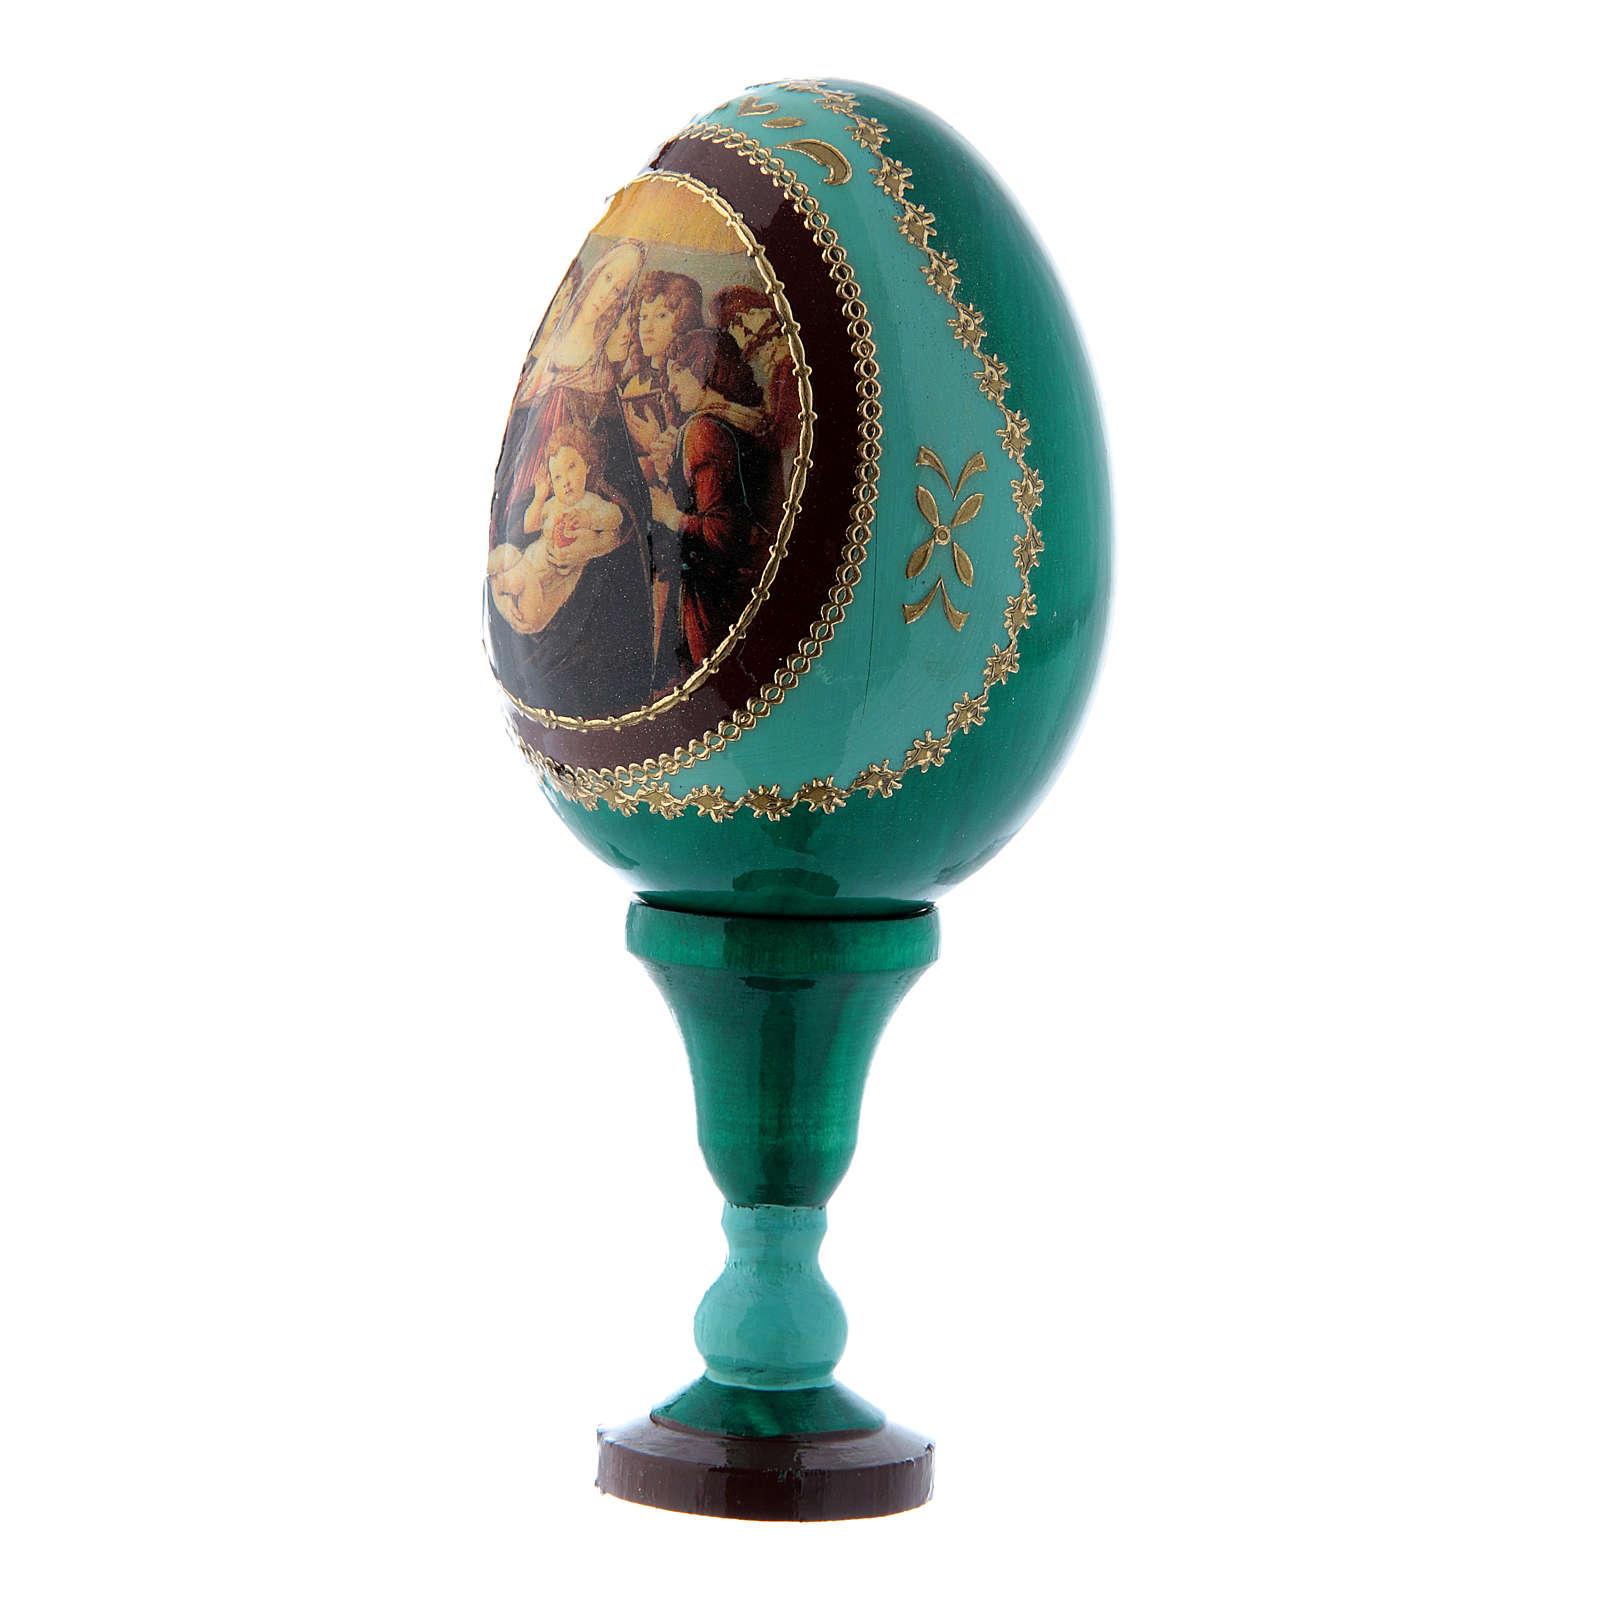 Uovo icona russa La Madonna della melagrana verde h tot 13 cm 4